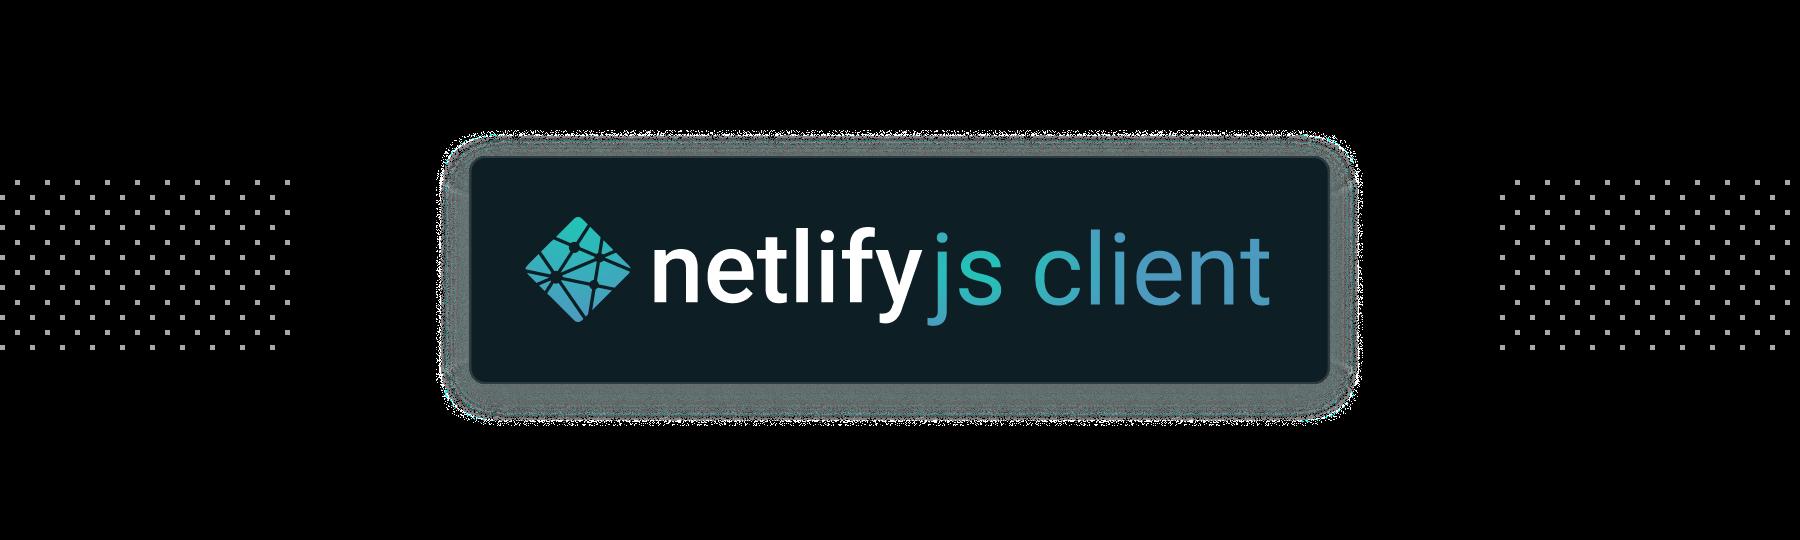 netlify/js-client